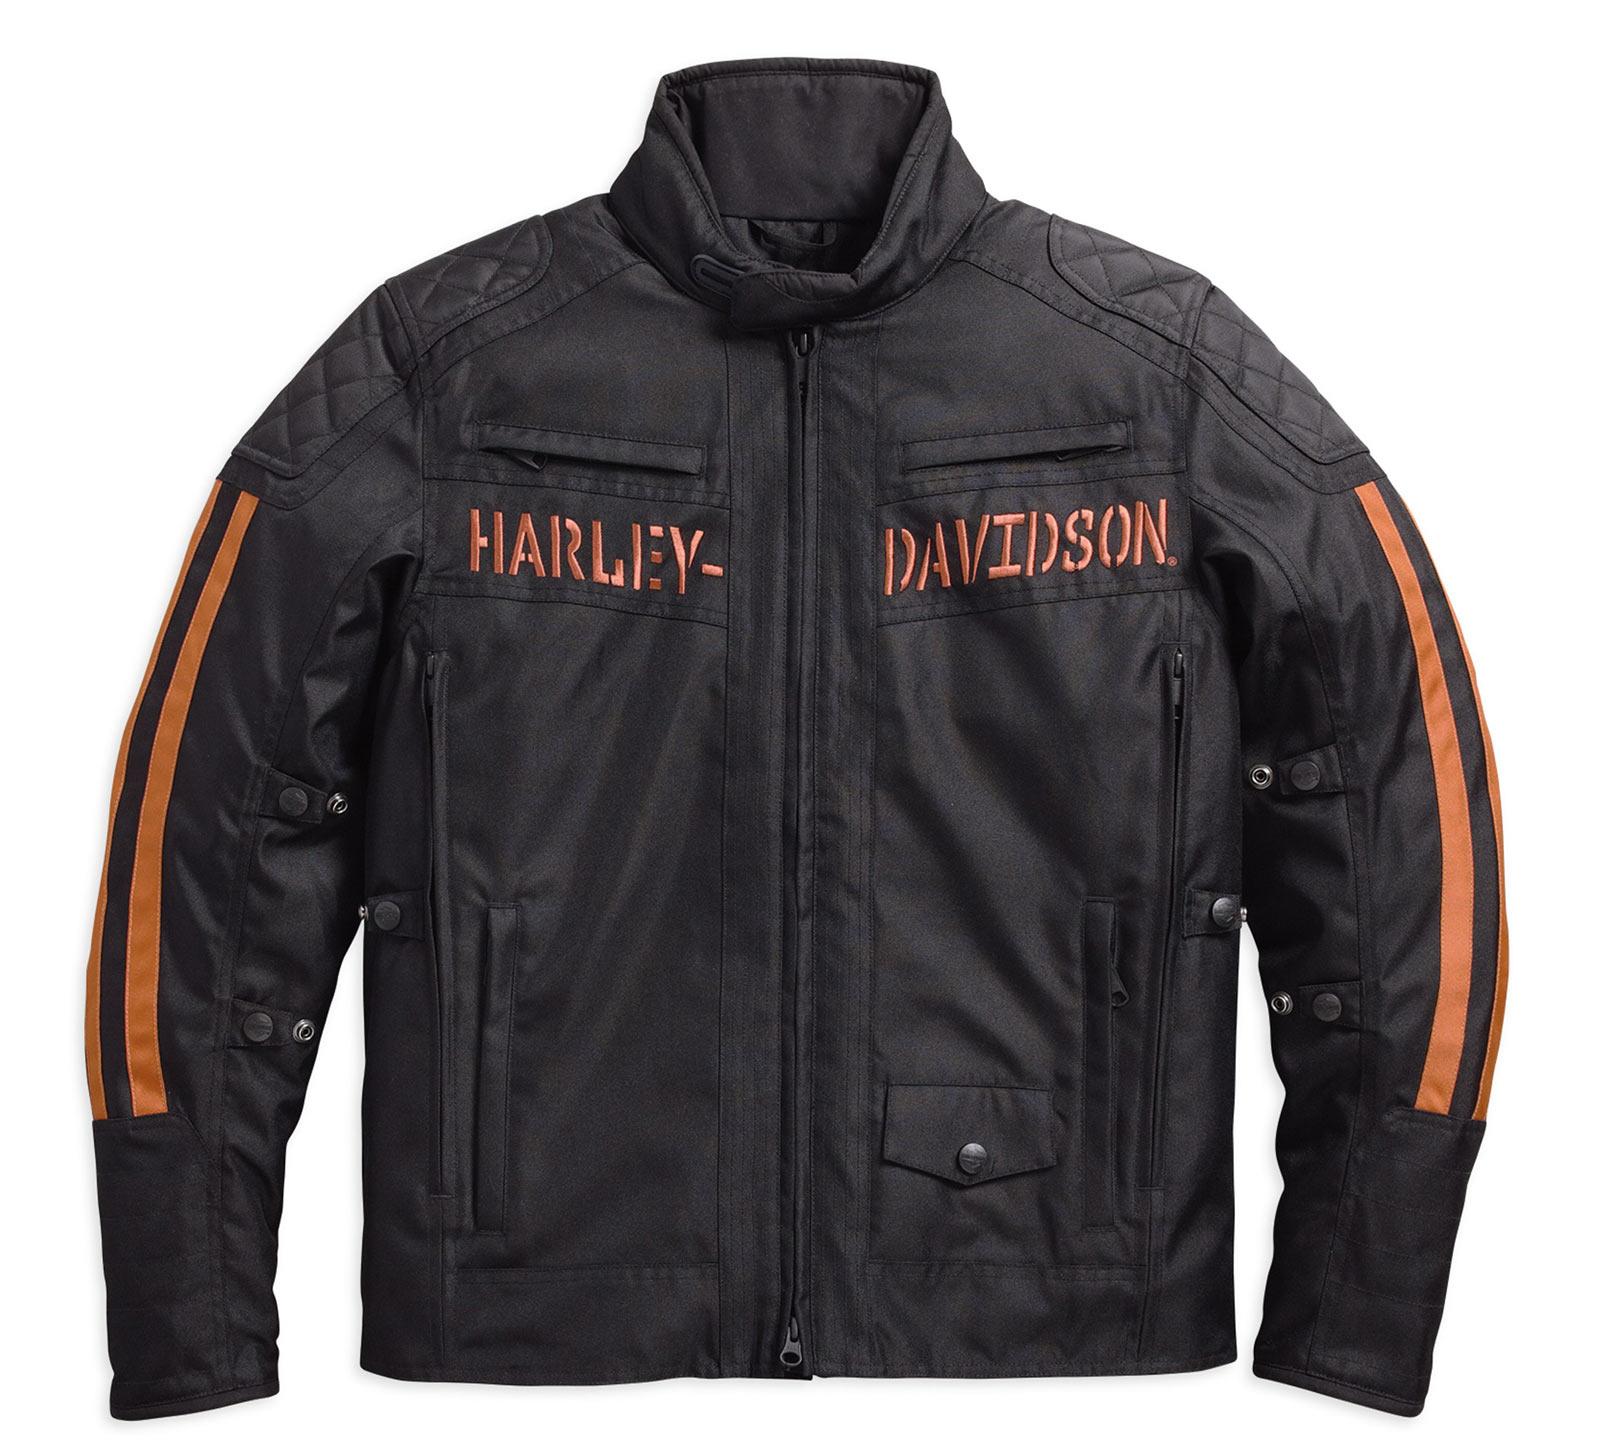 97158 17vm harley davidson jacket foley at thunderbike shop. Black Bedroom Furniture Sets. Home Design Ideas